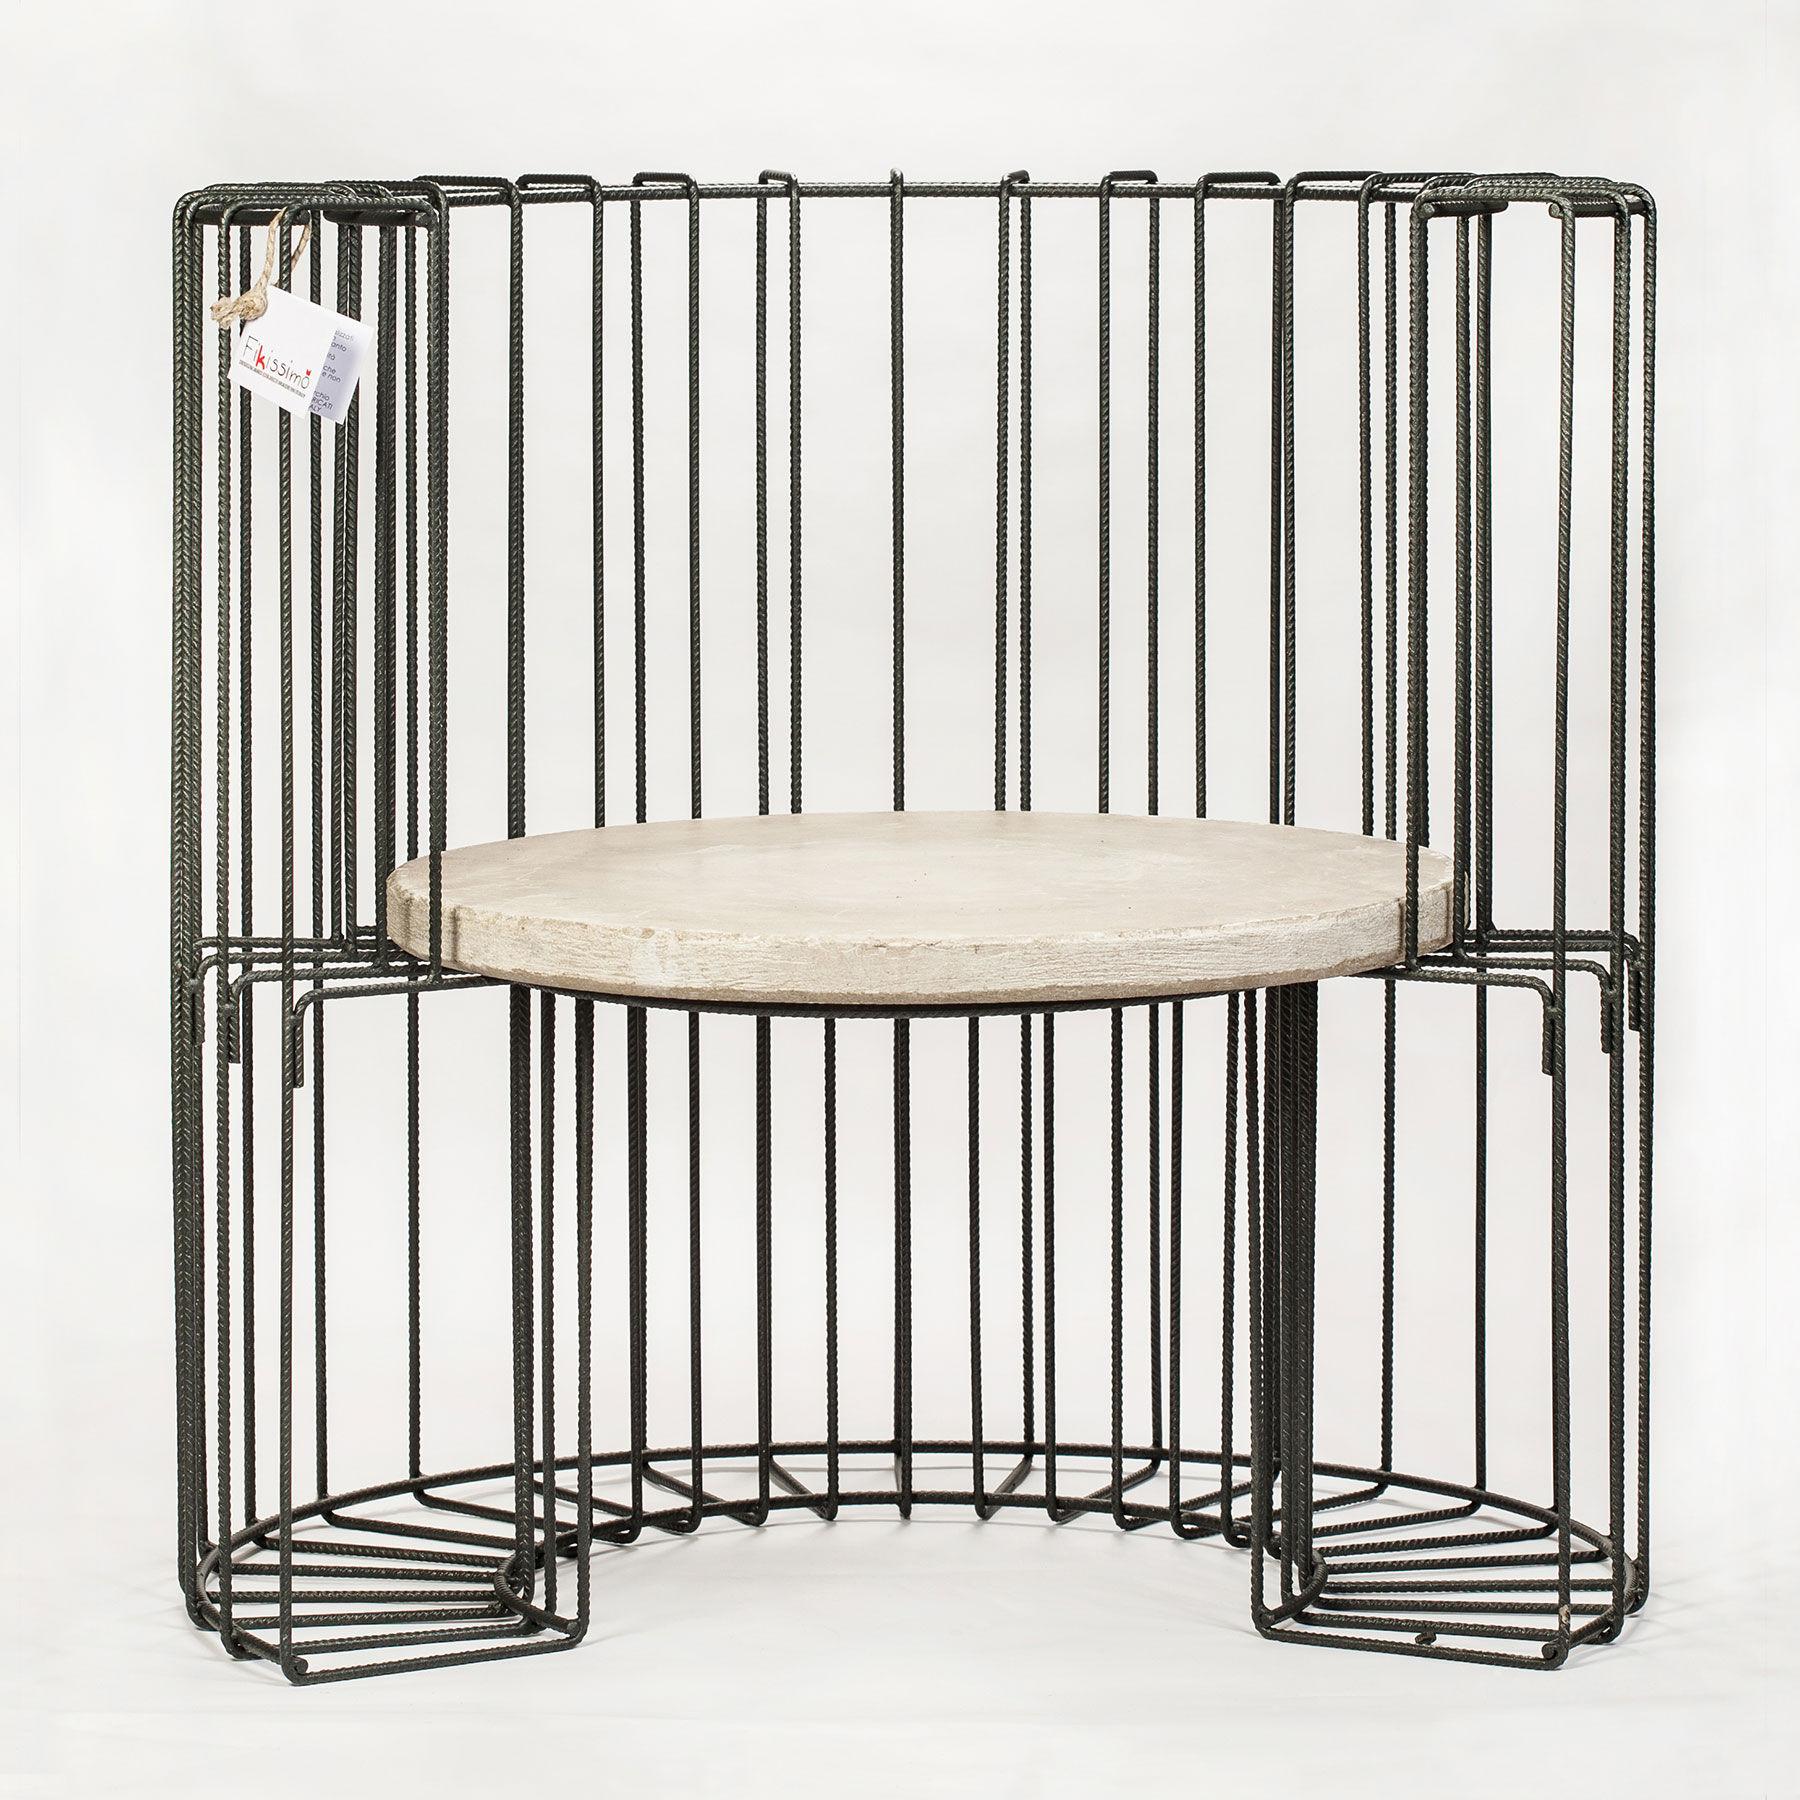 armchair grid